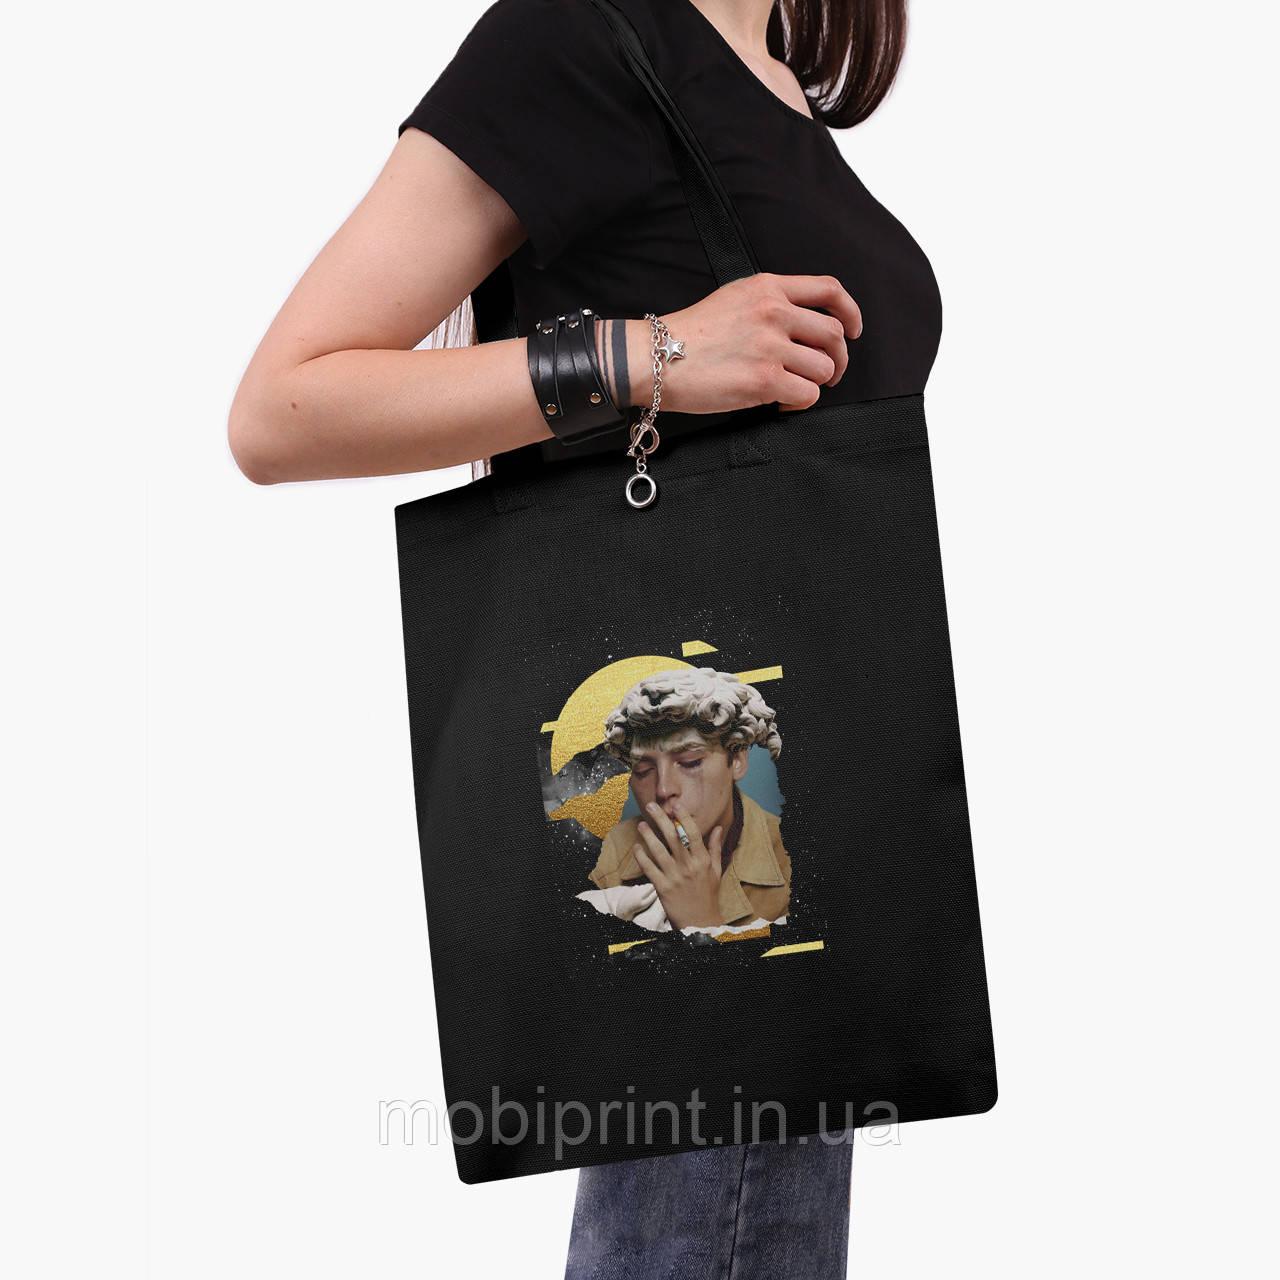 Еко сумка шоппер чорна Ренесанс Джаггед Джонс (Riverdale) (9227-1591-2) екосумка шопер 41*35 см